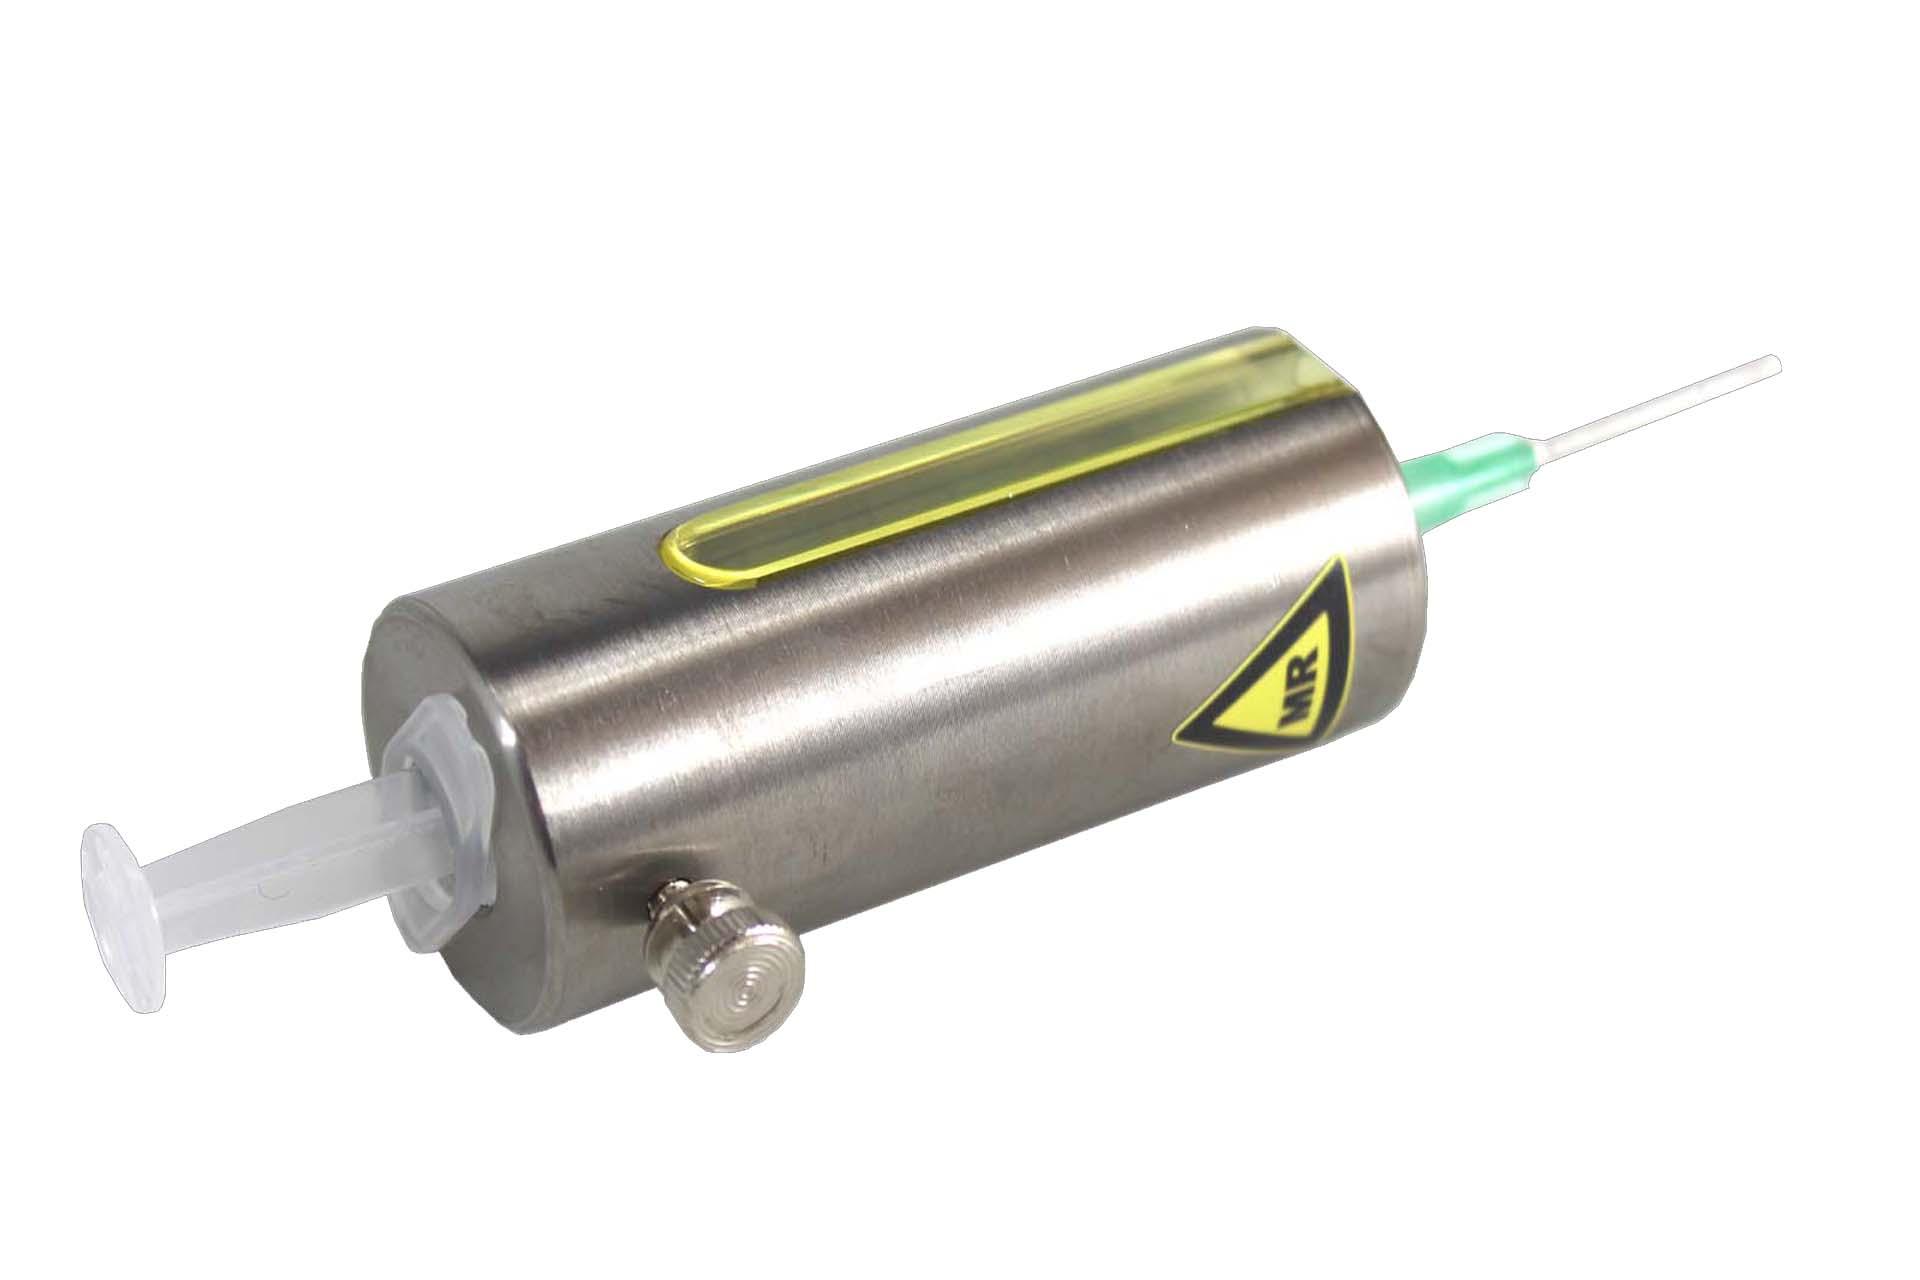 PET Syringe Shields